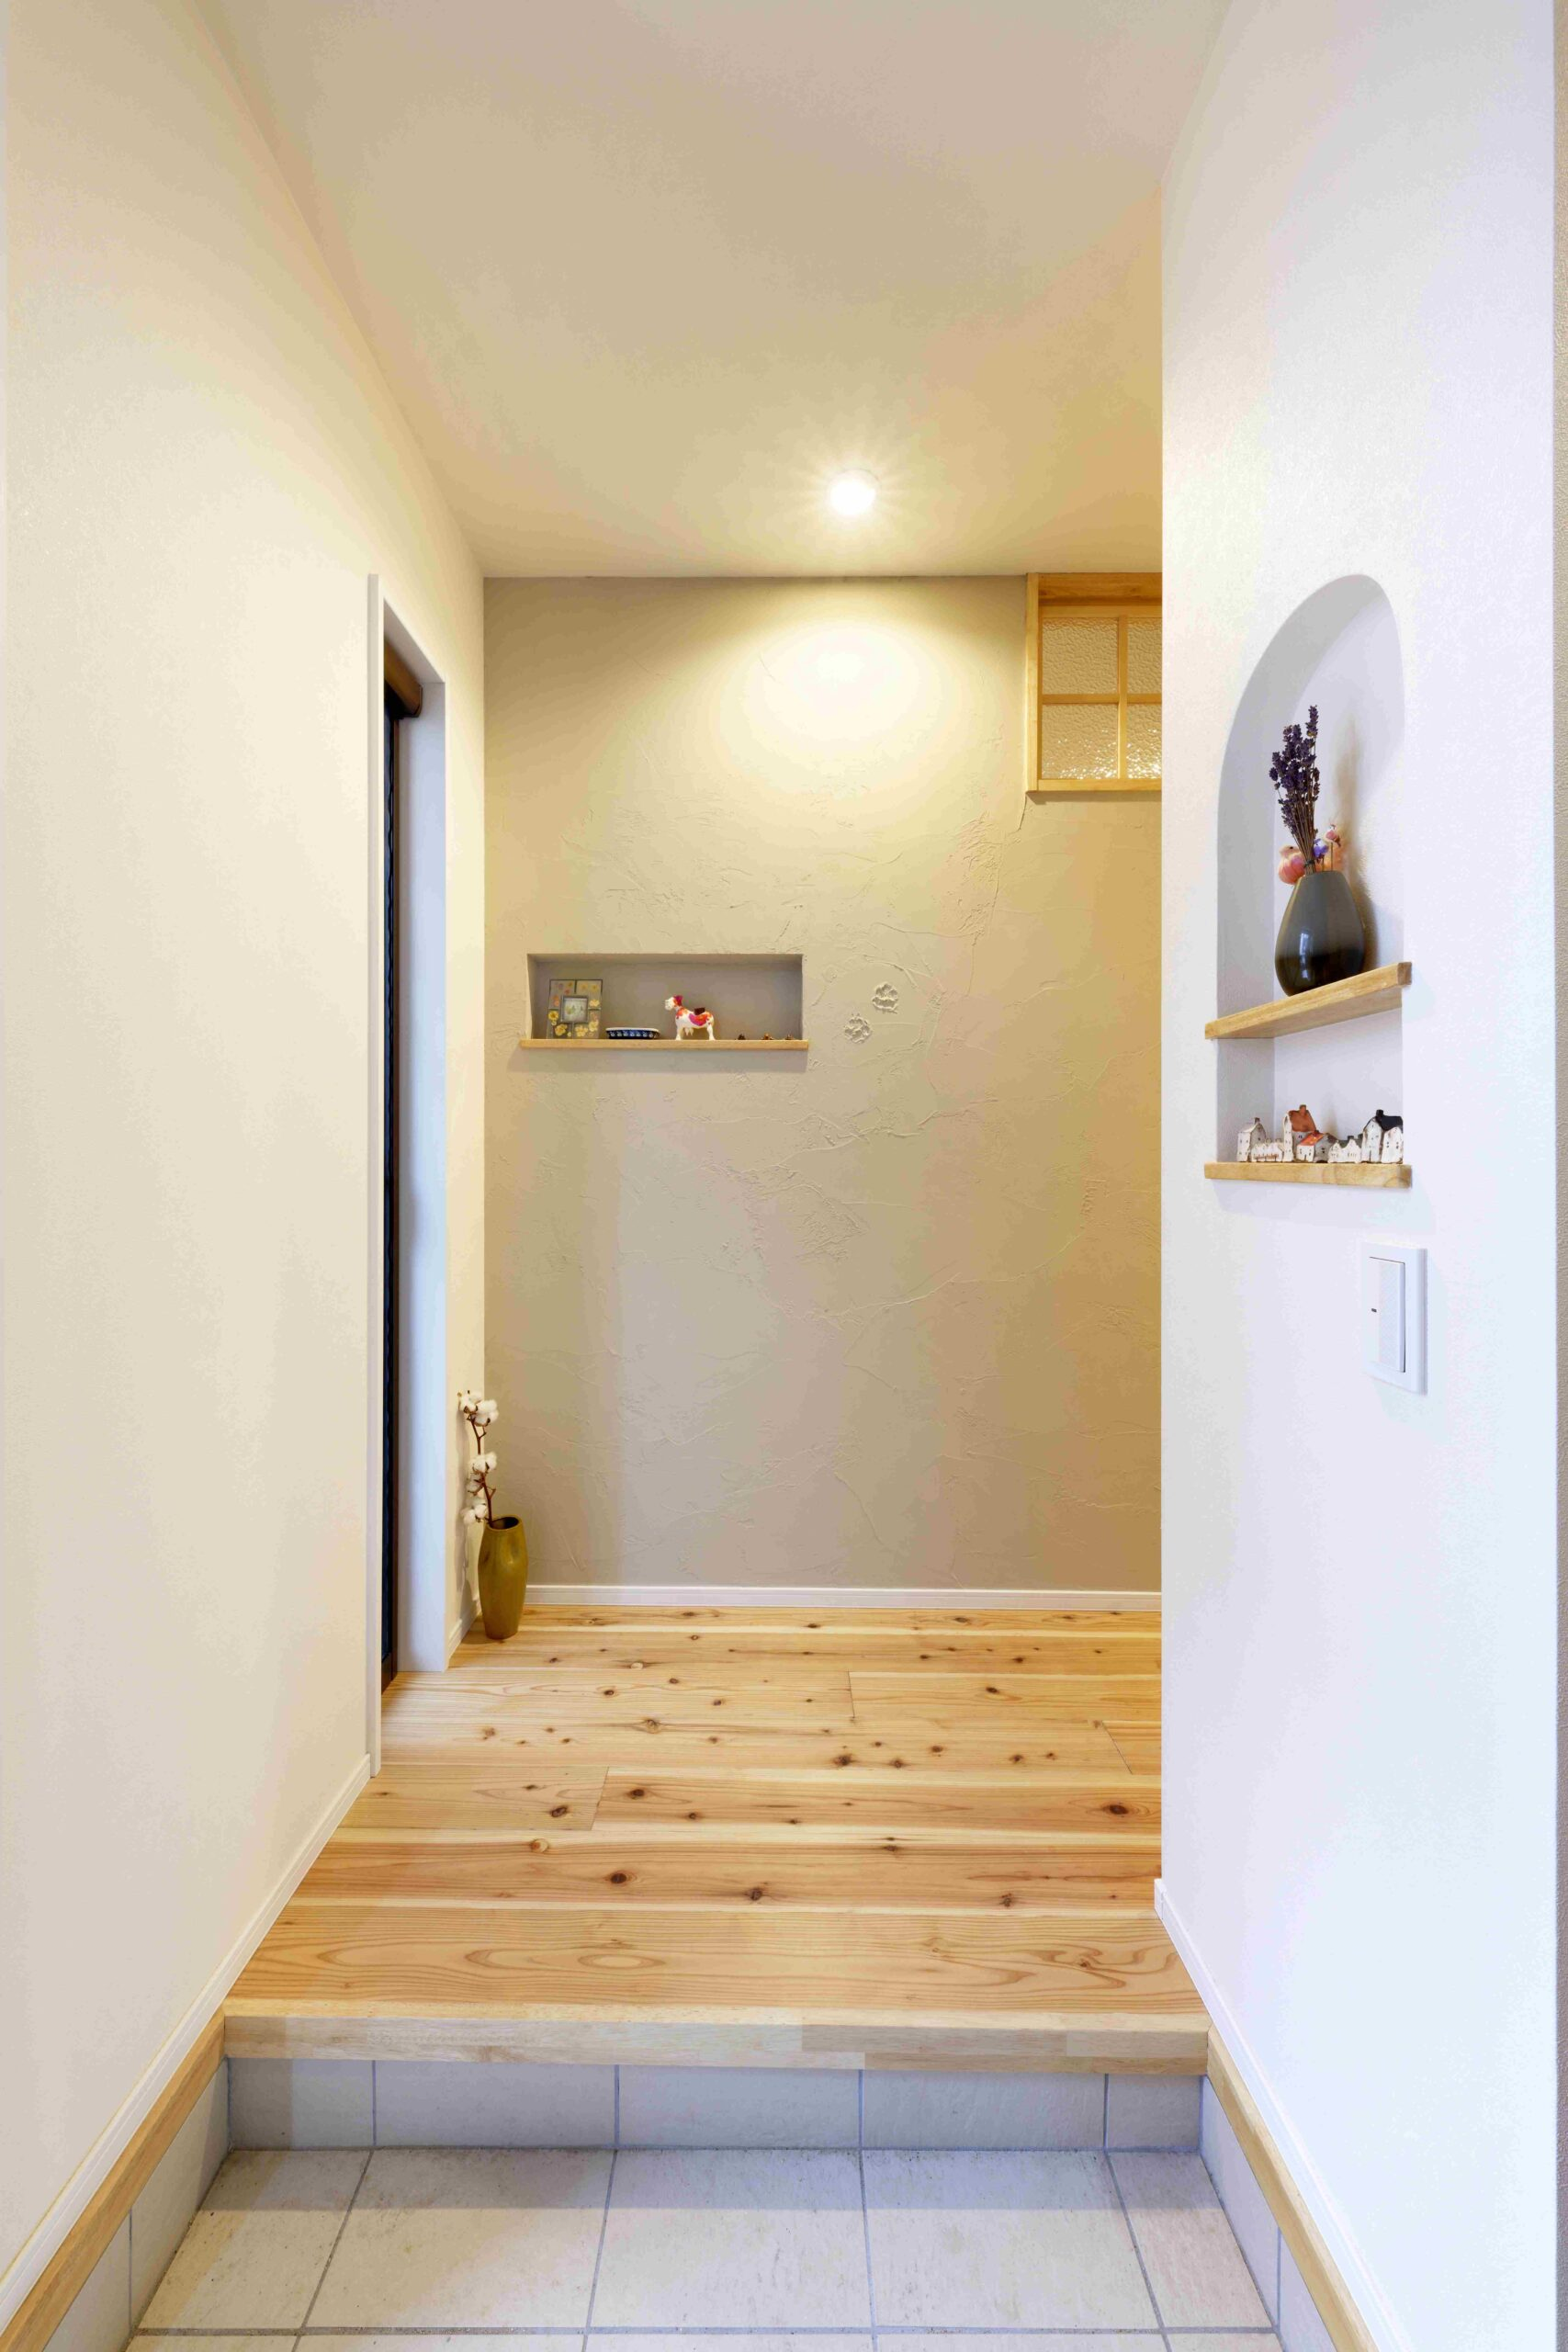 玄関左手の壁は、内装用塗り壁材「ヒッキーウォール」を使用。左官の質感や温かみが感じられる。